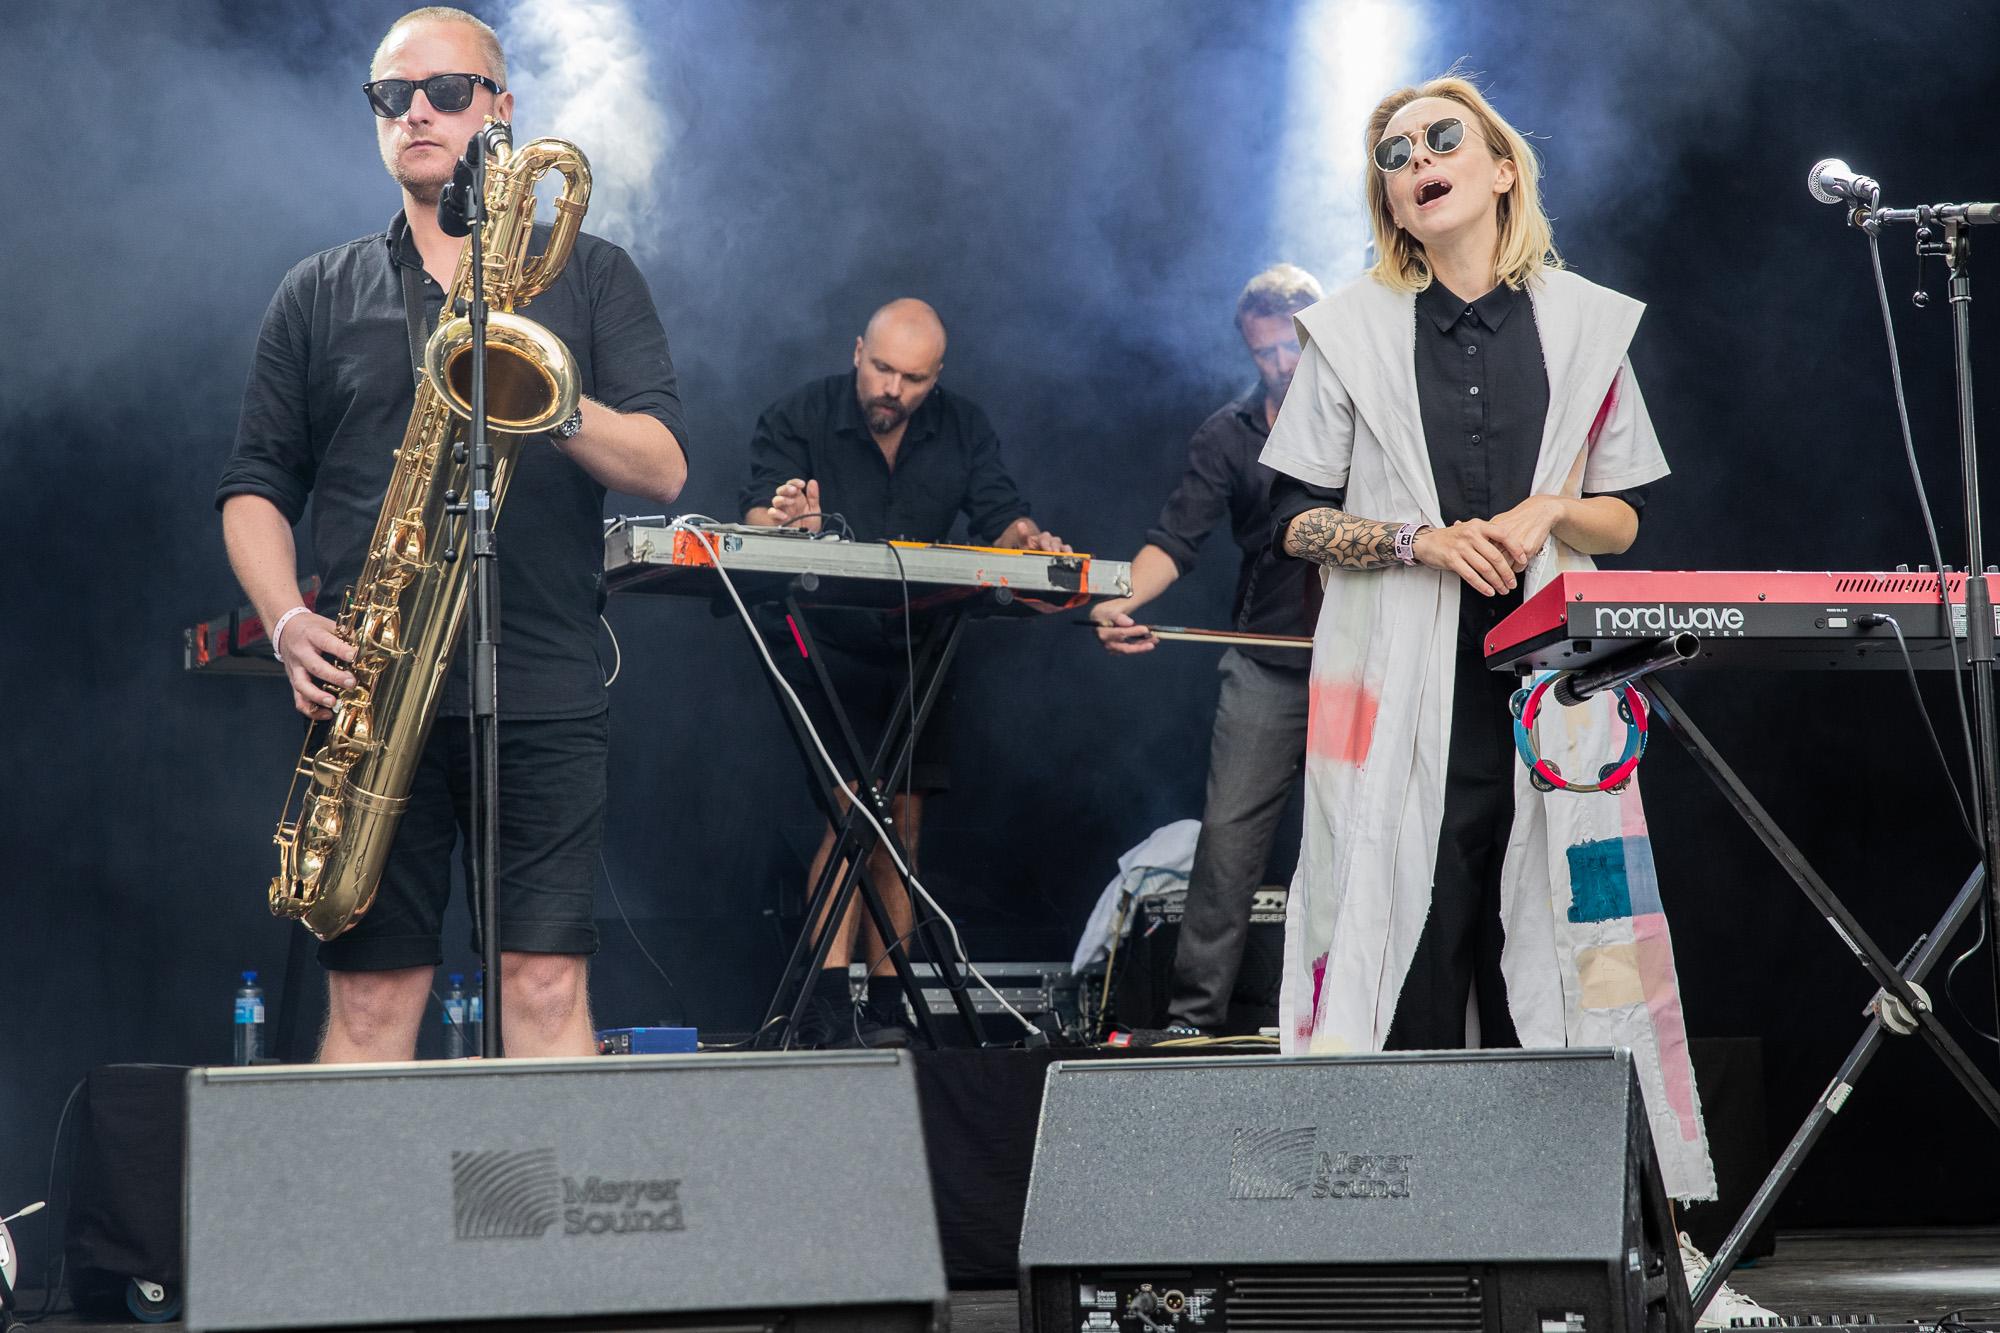 Lucy Swann @ Øyafestivalen 2018